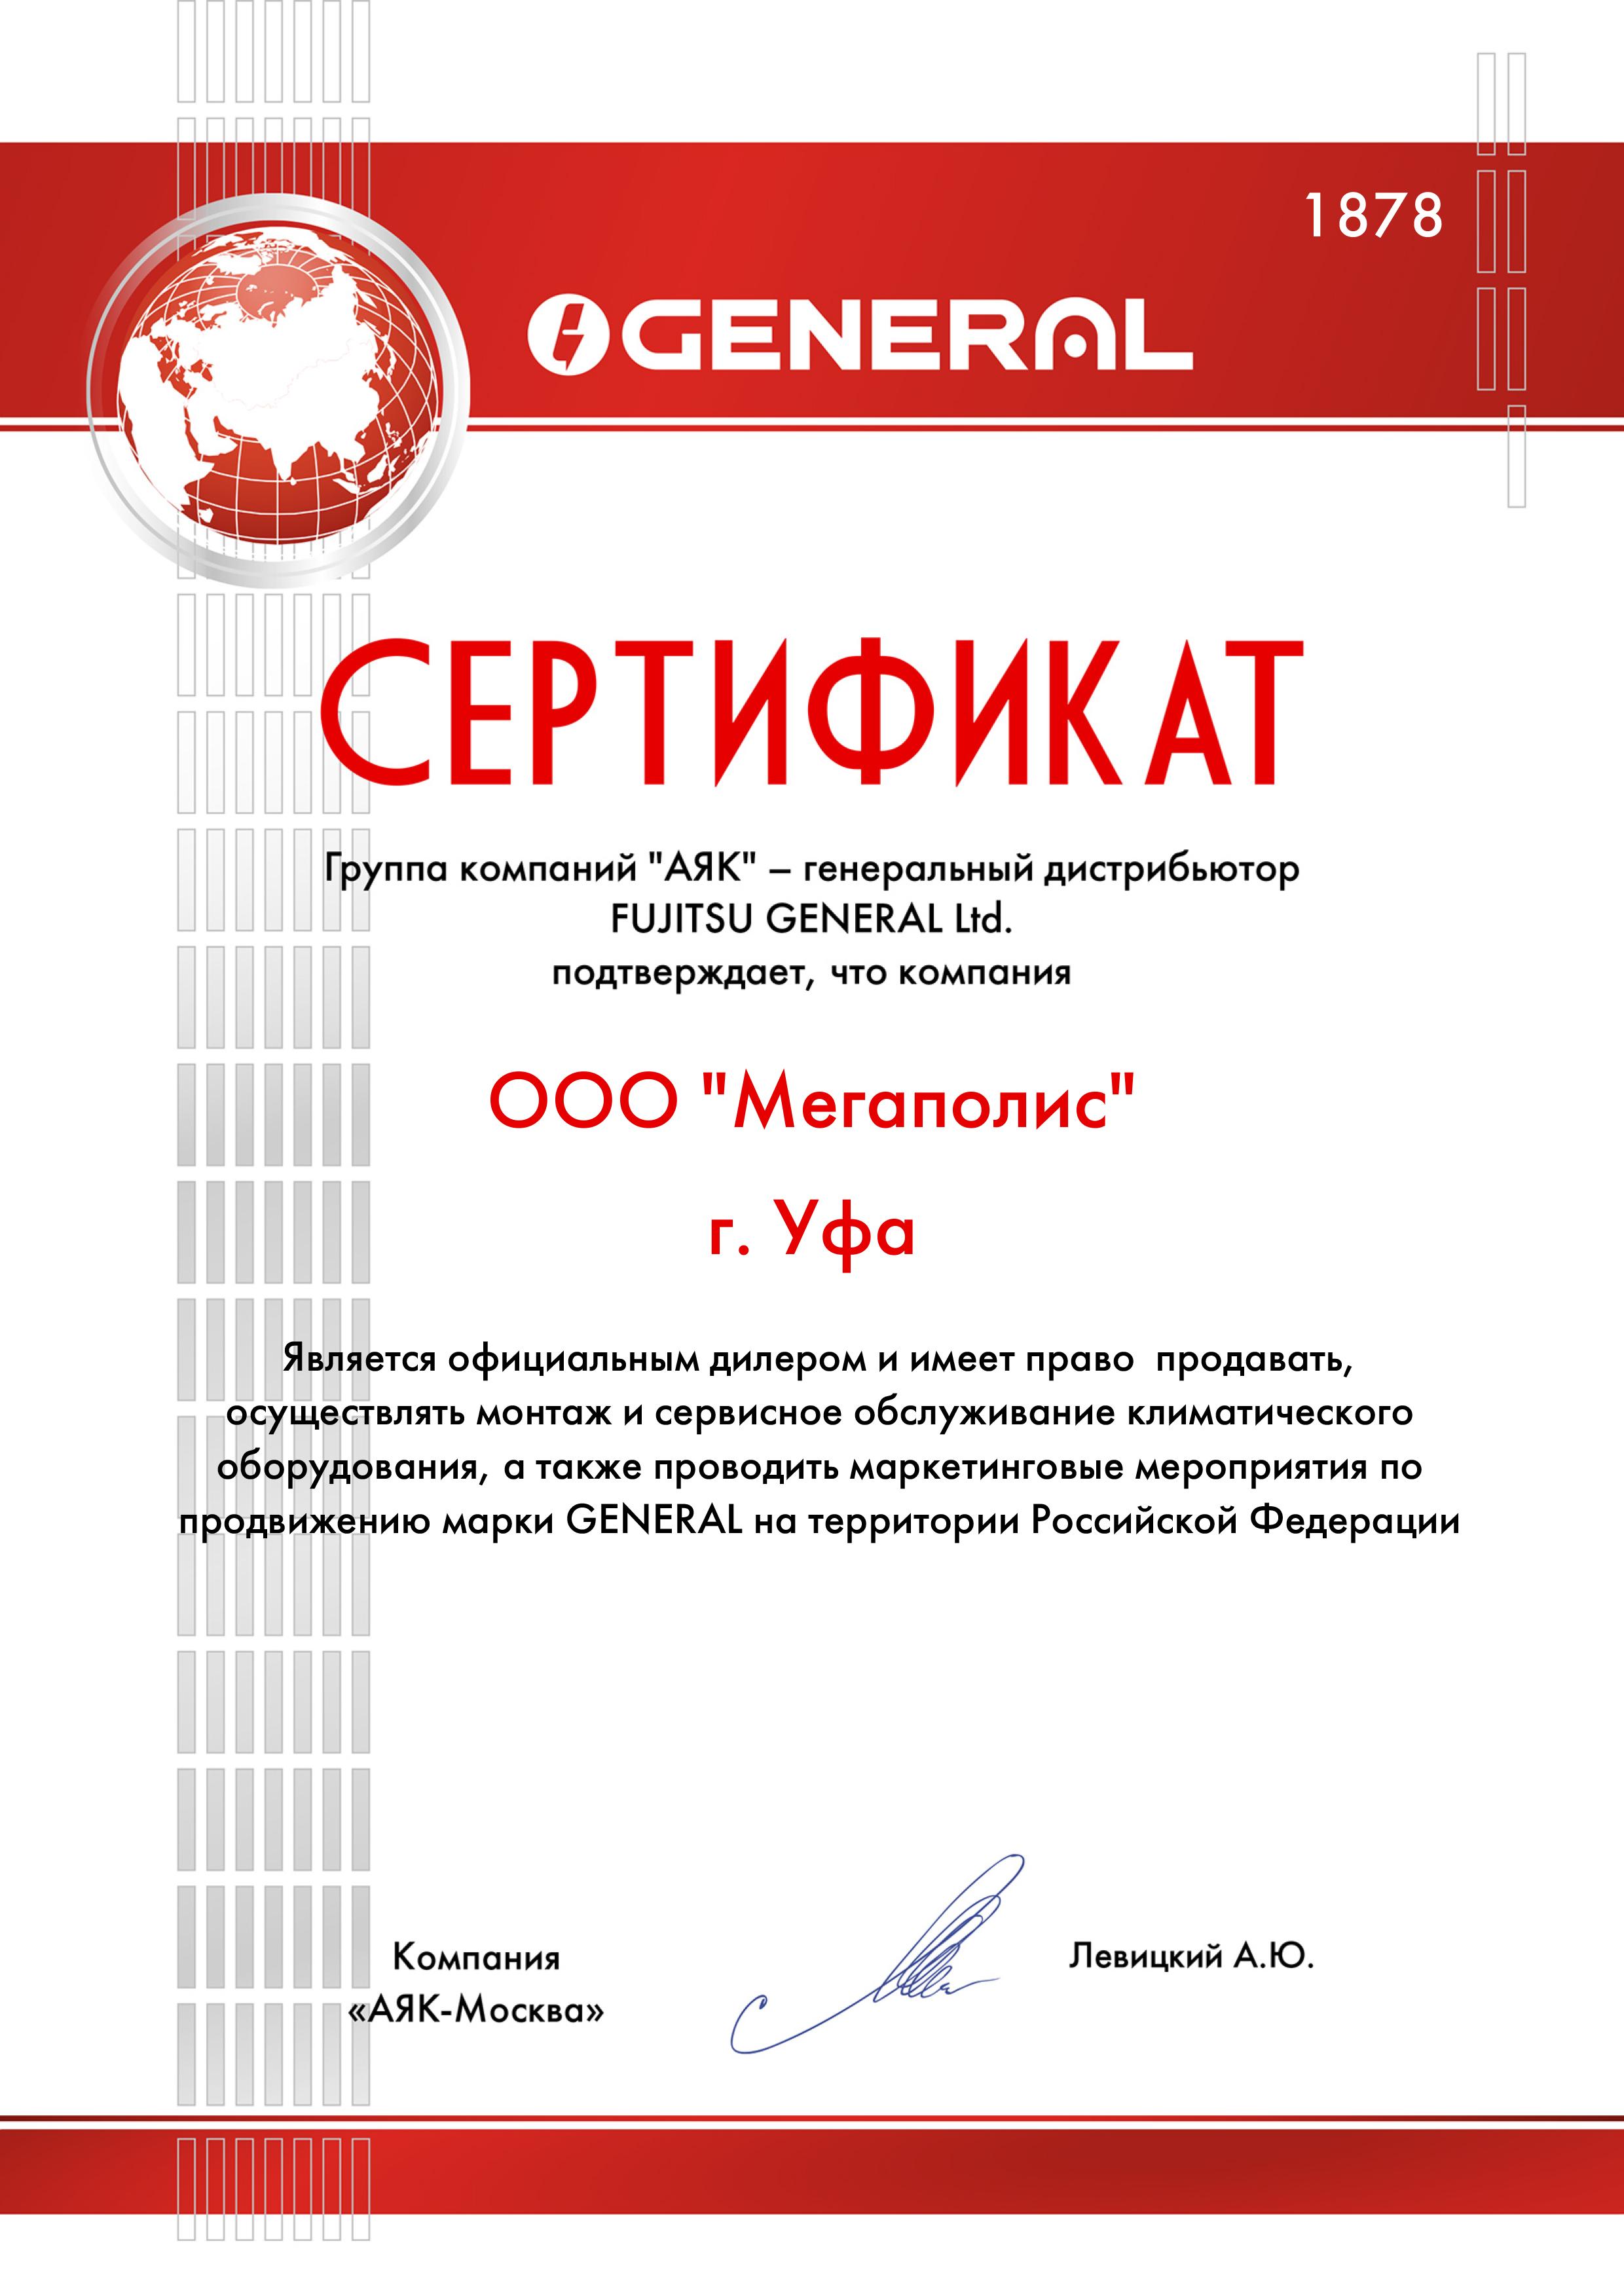 general-5.jpg